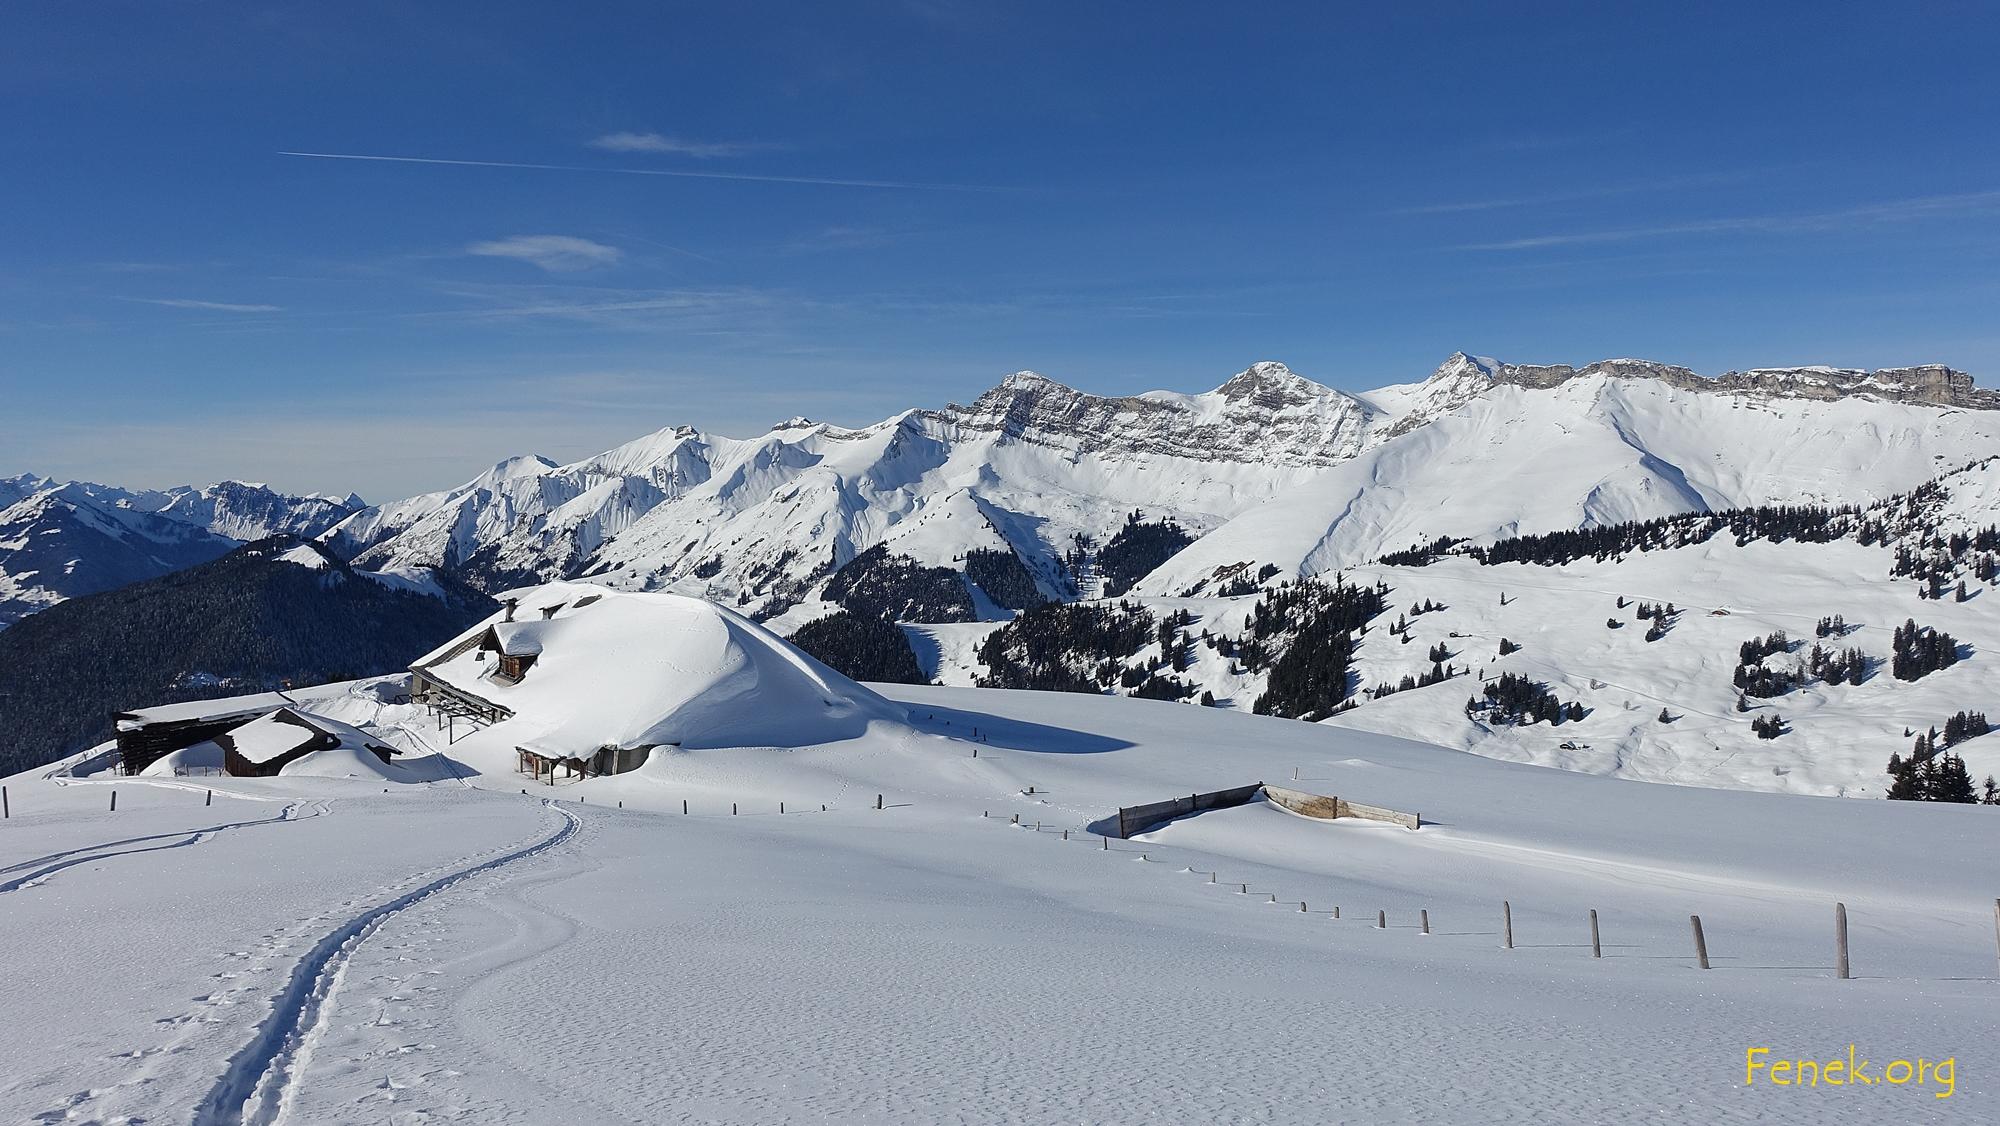 die Kette beinhaltet den höchsten Freiburger Vanil Noir und andere wunderbare Freiburger Gipfel